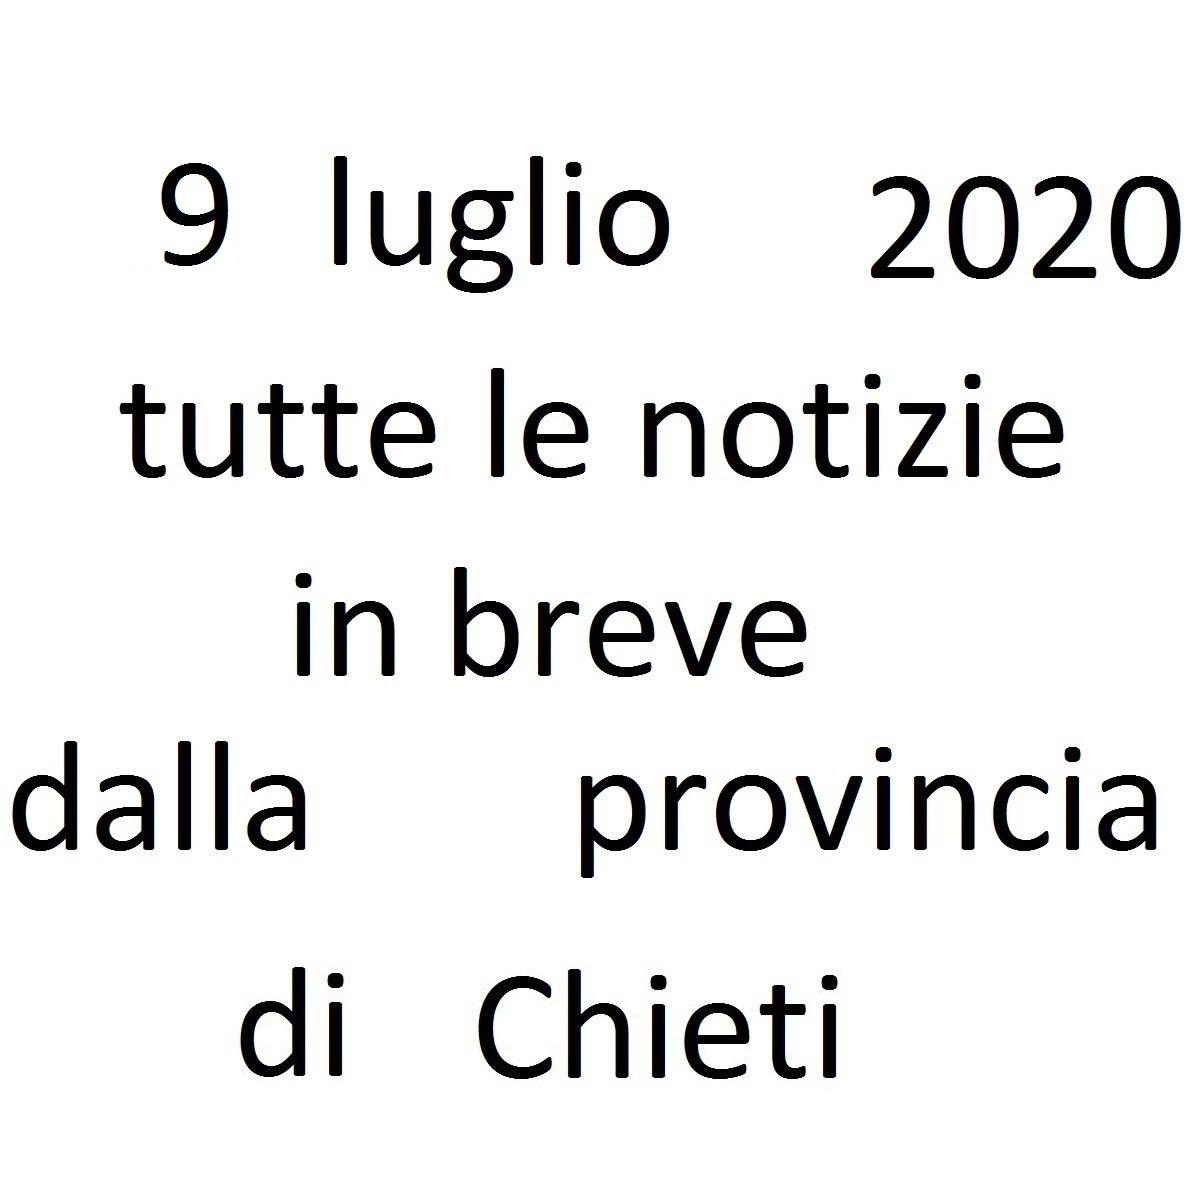 9 luglio 2020 notizie in breve dalla Provincia di Chieti foto